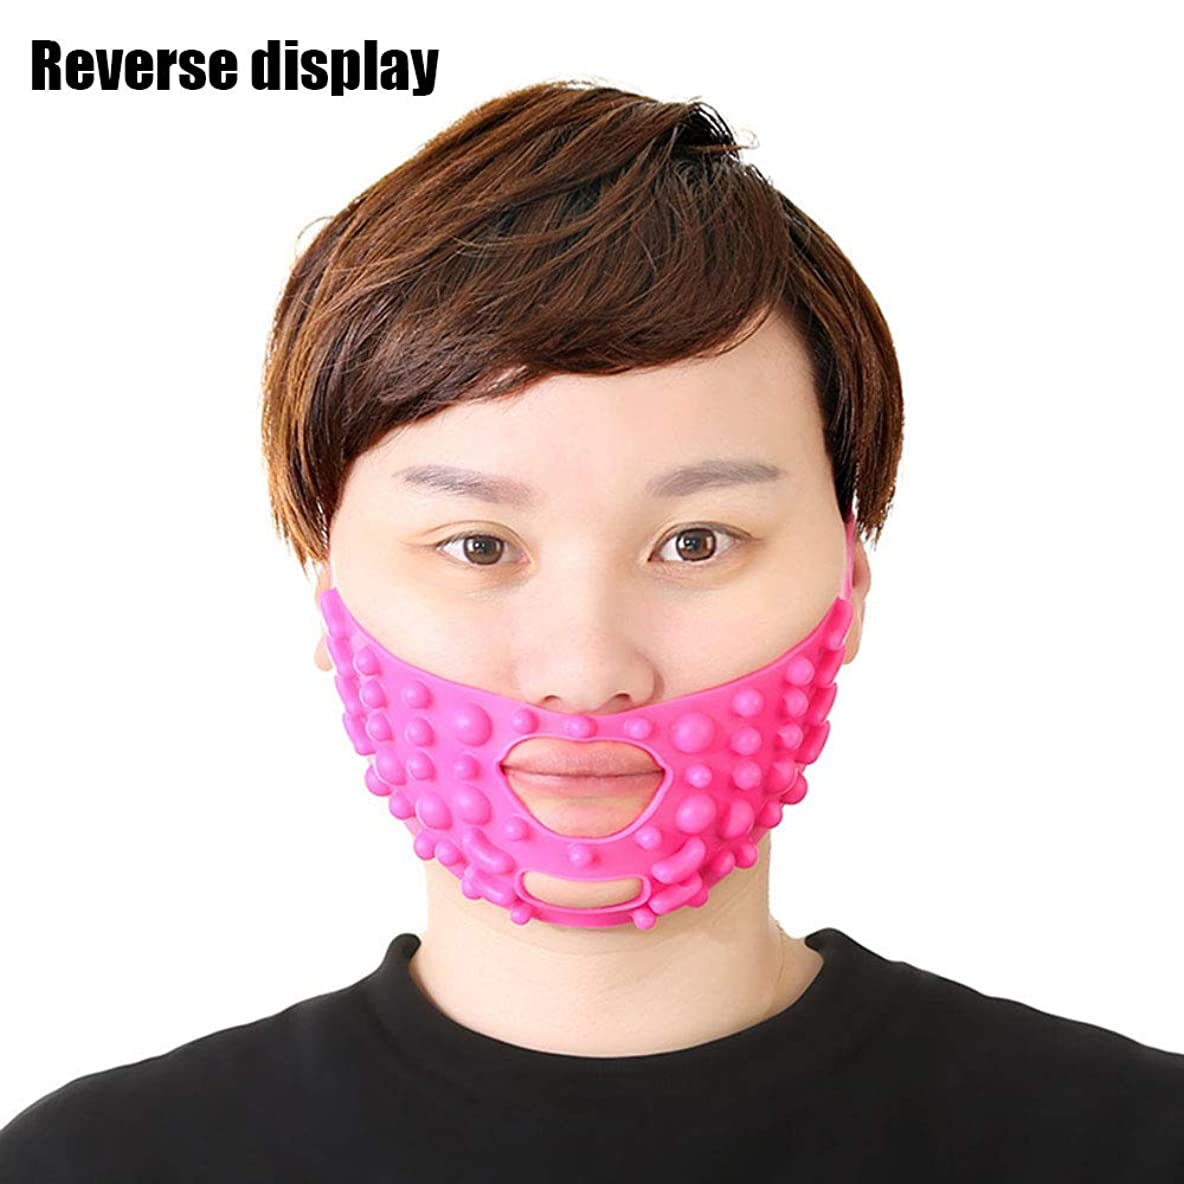 太鼓腹癒す梨フェイシャルマッサージ包帯、持ち上げ、引き締め、法則パターンを改善して小さなVフェイス/二重あごマスクを作成(ローズレッド)